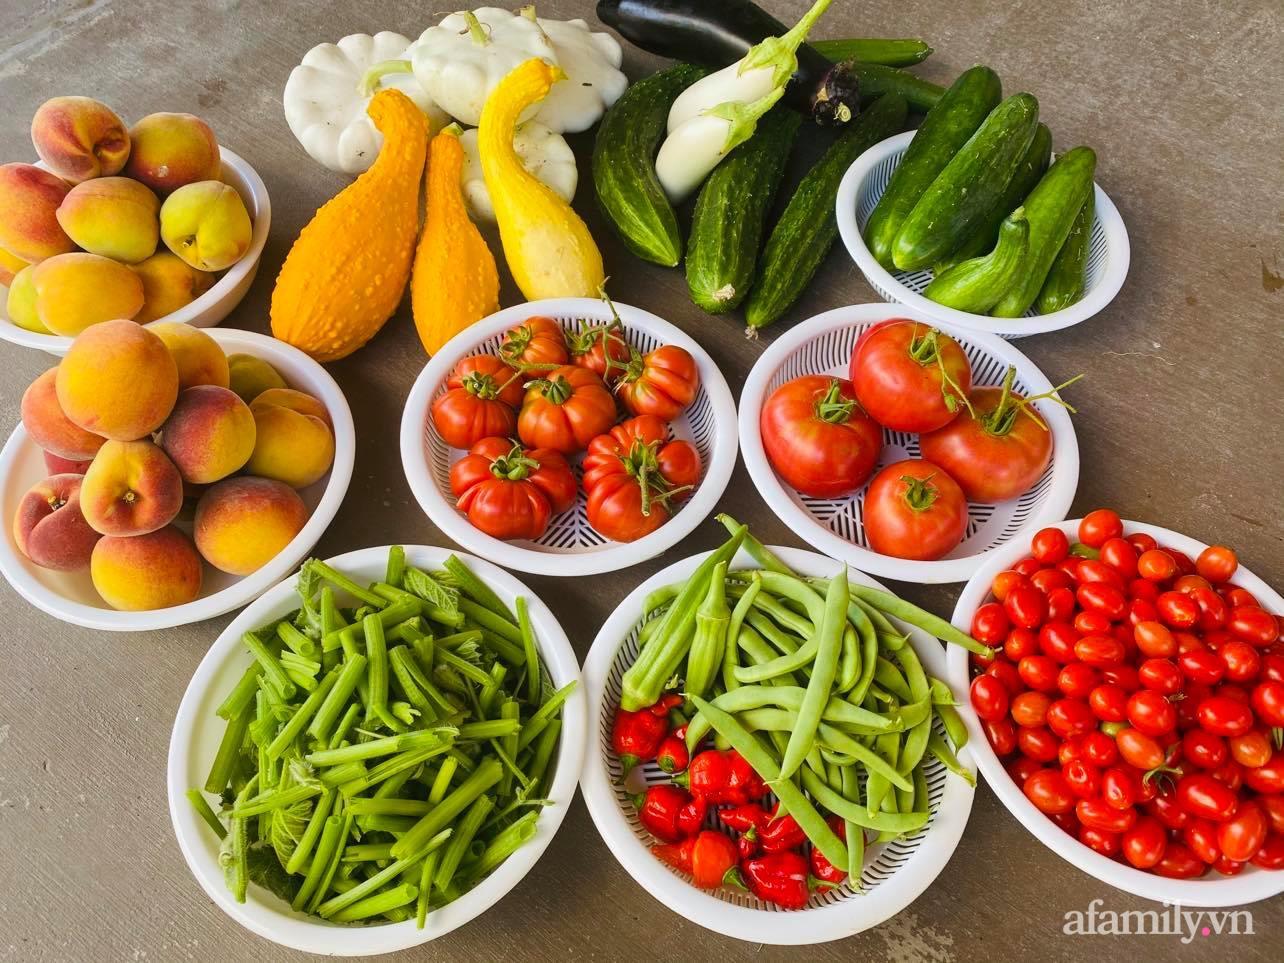 Khu vườn 800m² phủ kín đủ loại rau quả sạch của mẹ Việt đảm yêu cây - Ảnh 21.